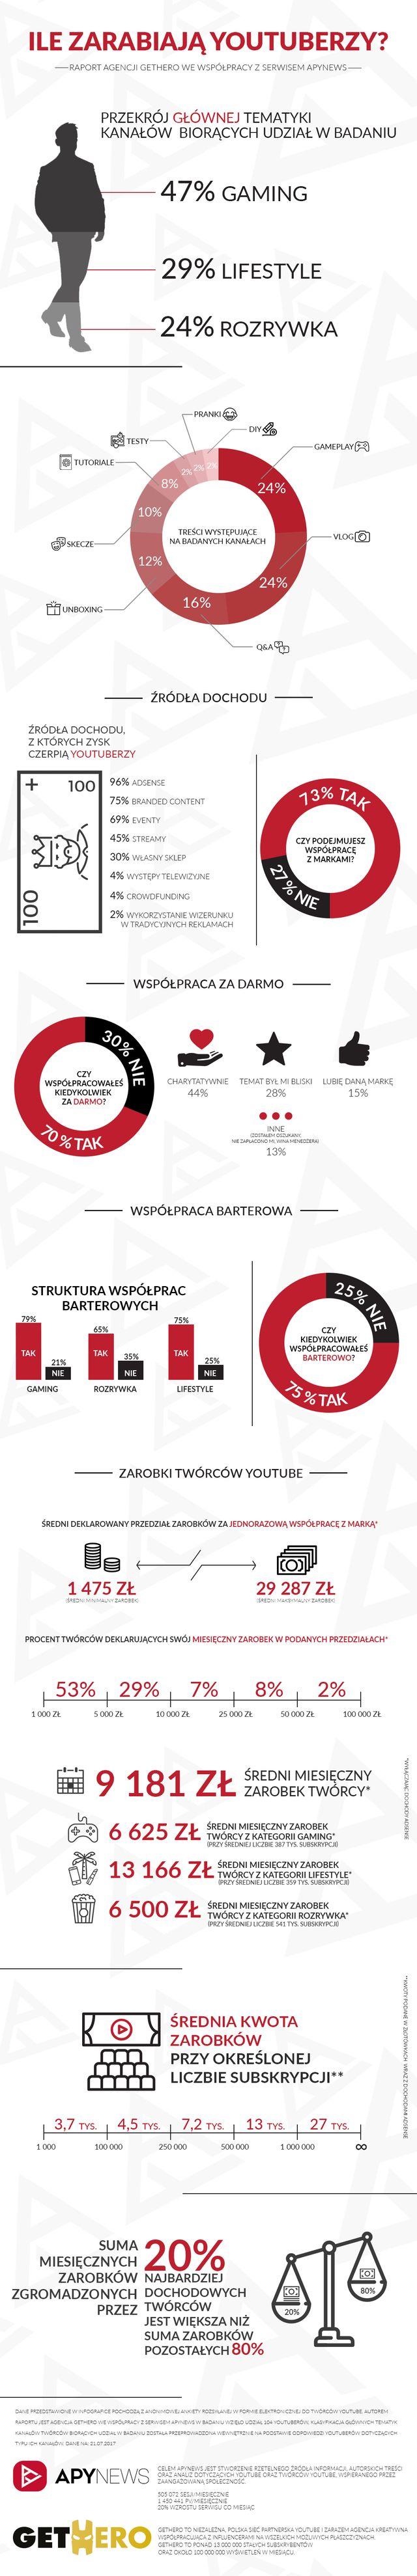 Ile zarabiają YouTuberzy? Ponad 80 procent twierdzi, że miesięcznie...